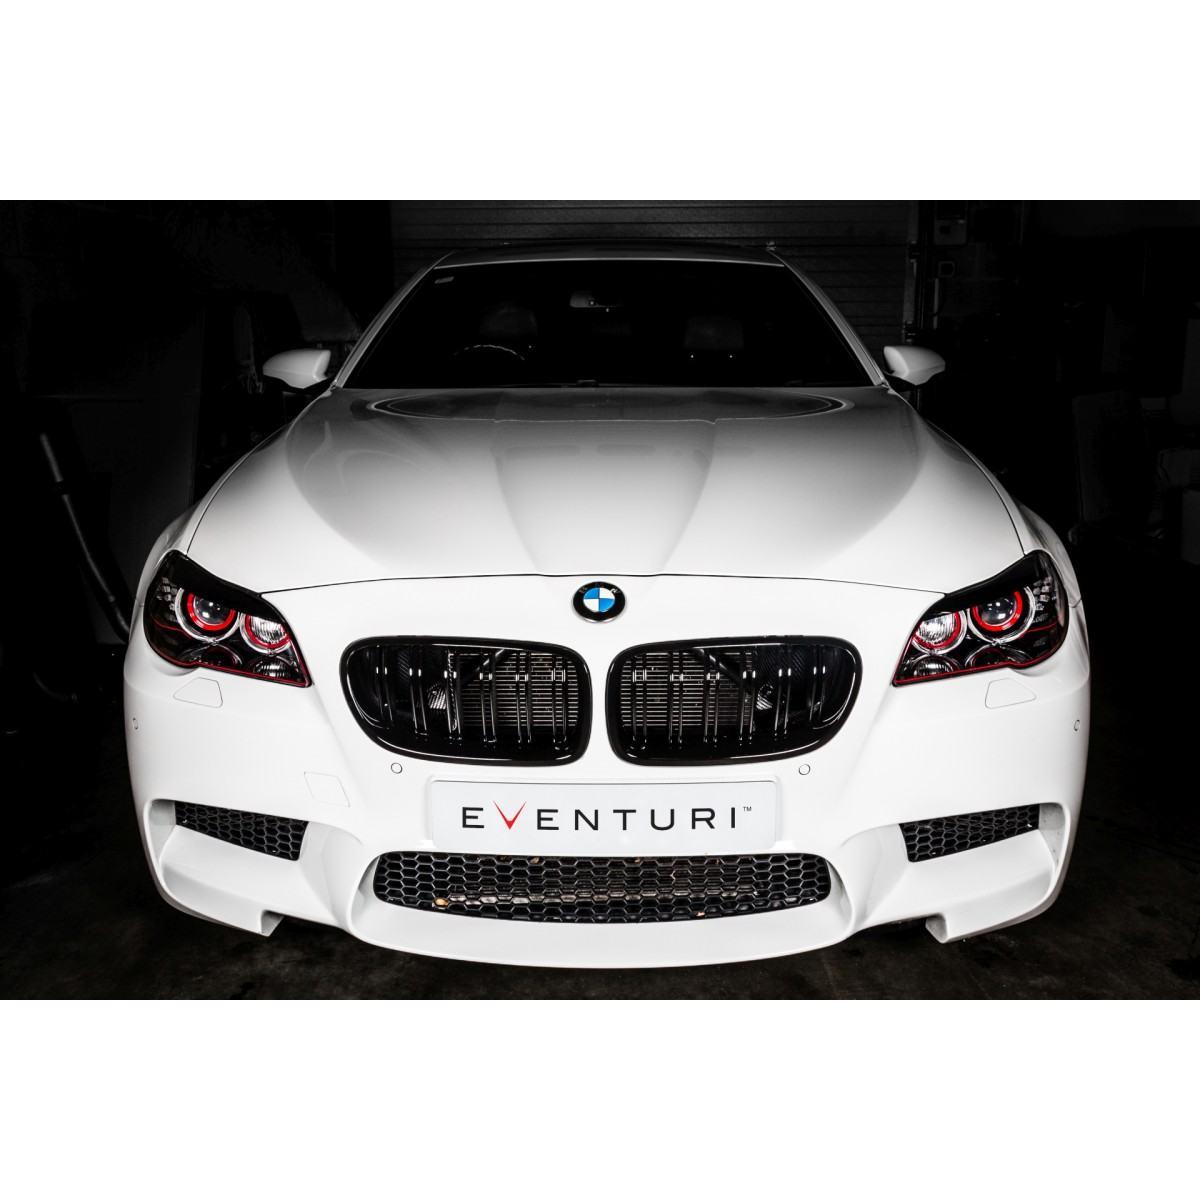 Eventuri Carbon Kevlar Ansaugsystem BMW F10 M5 & M6 F12 F13 F06